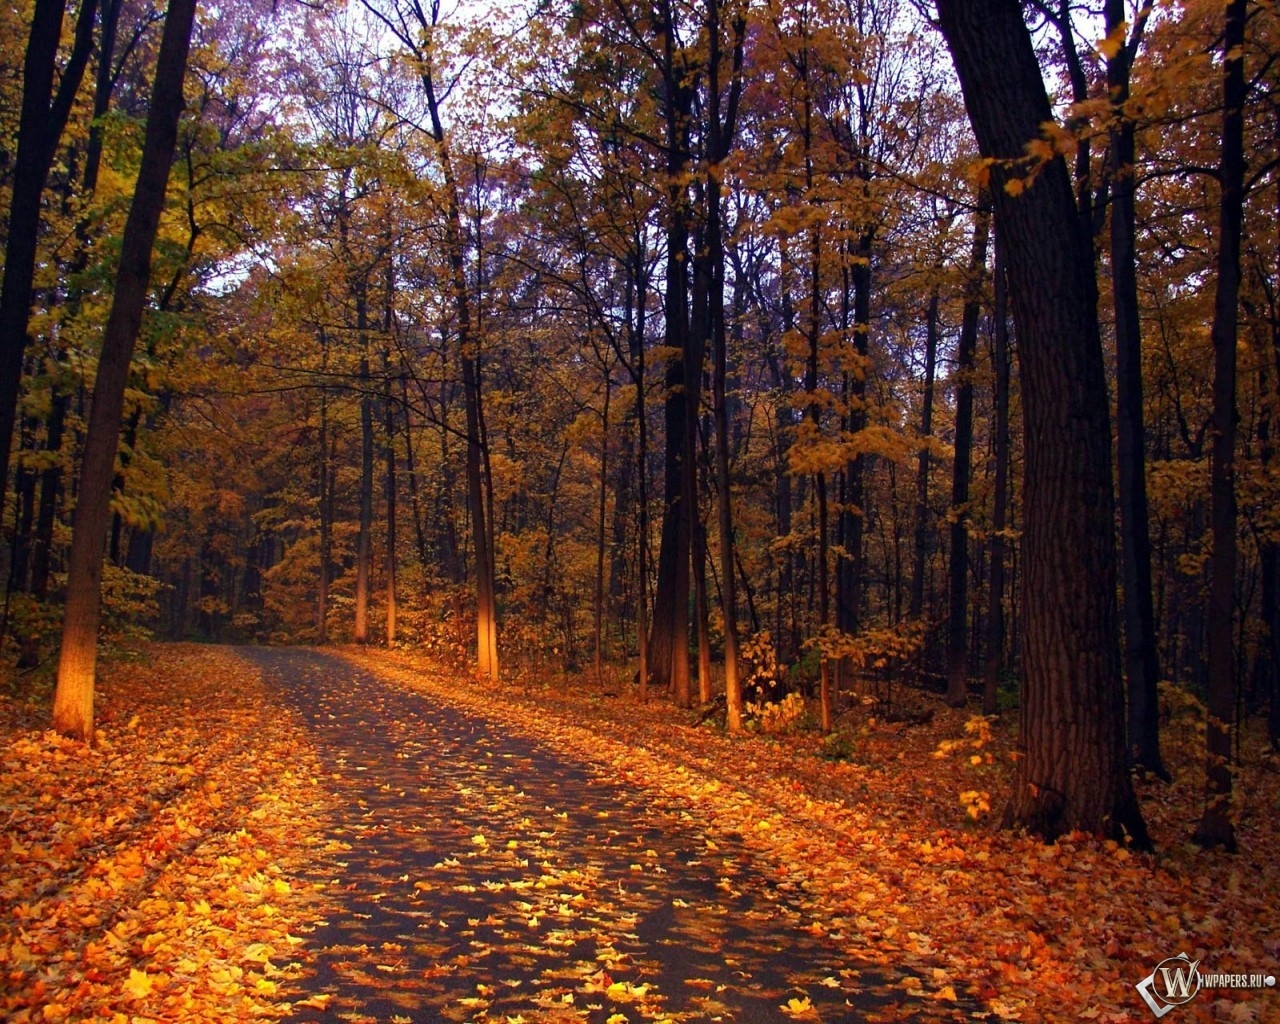 Прогулка по осеннему лесу 1280x1024